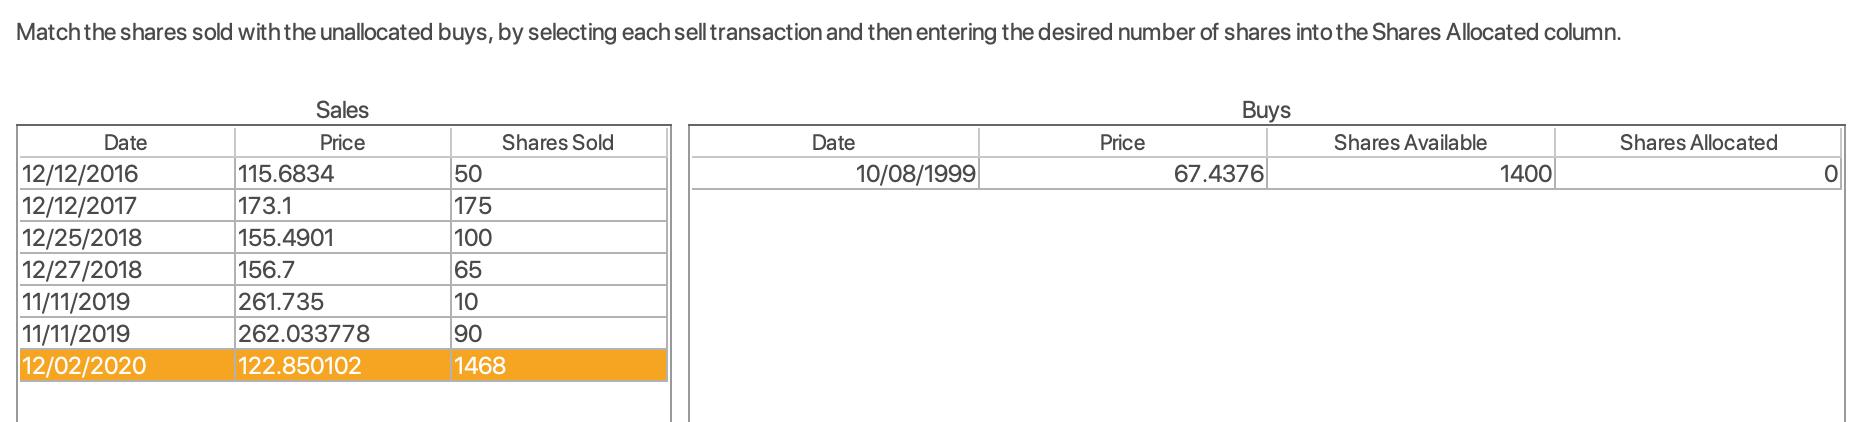 Aapl_1999_lot_sales